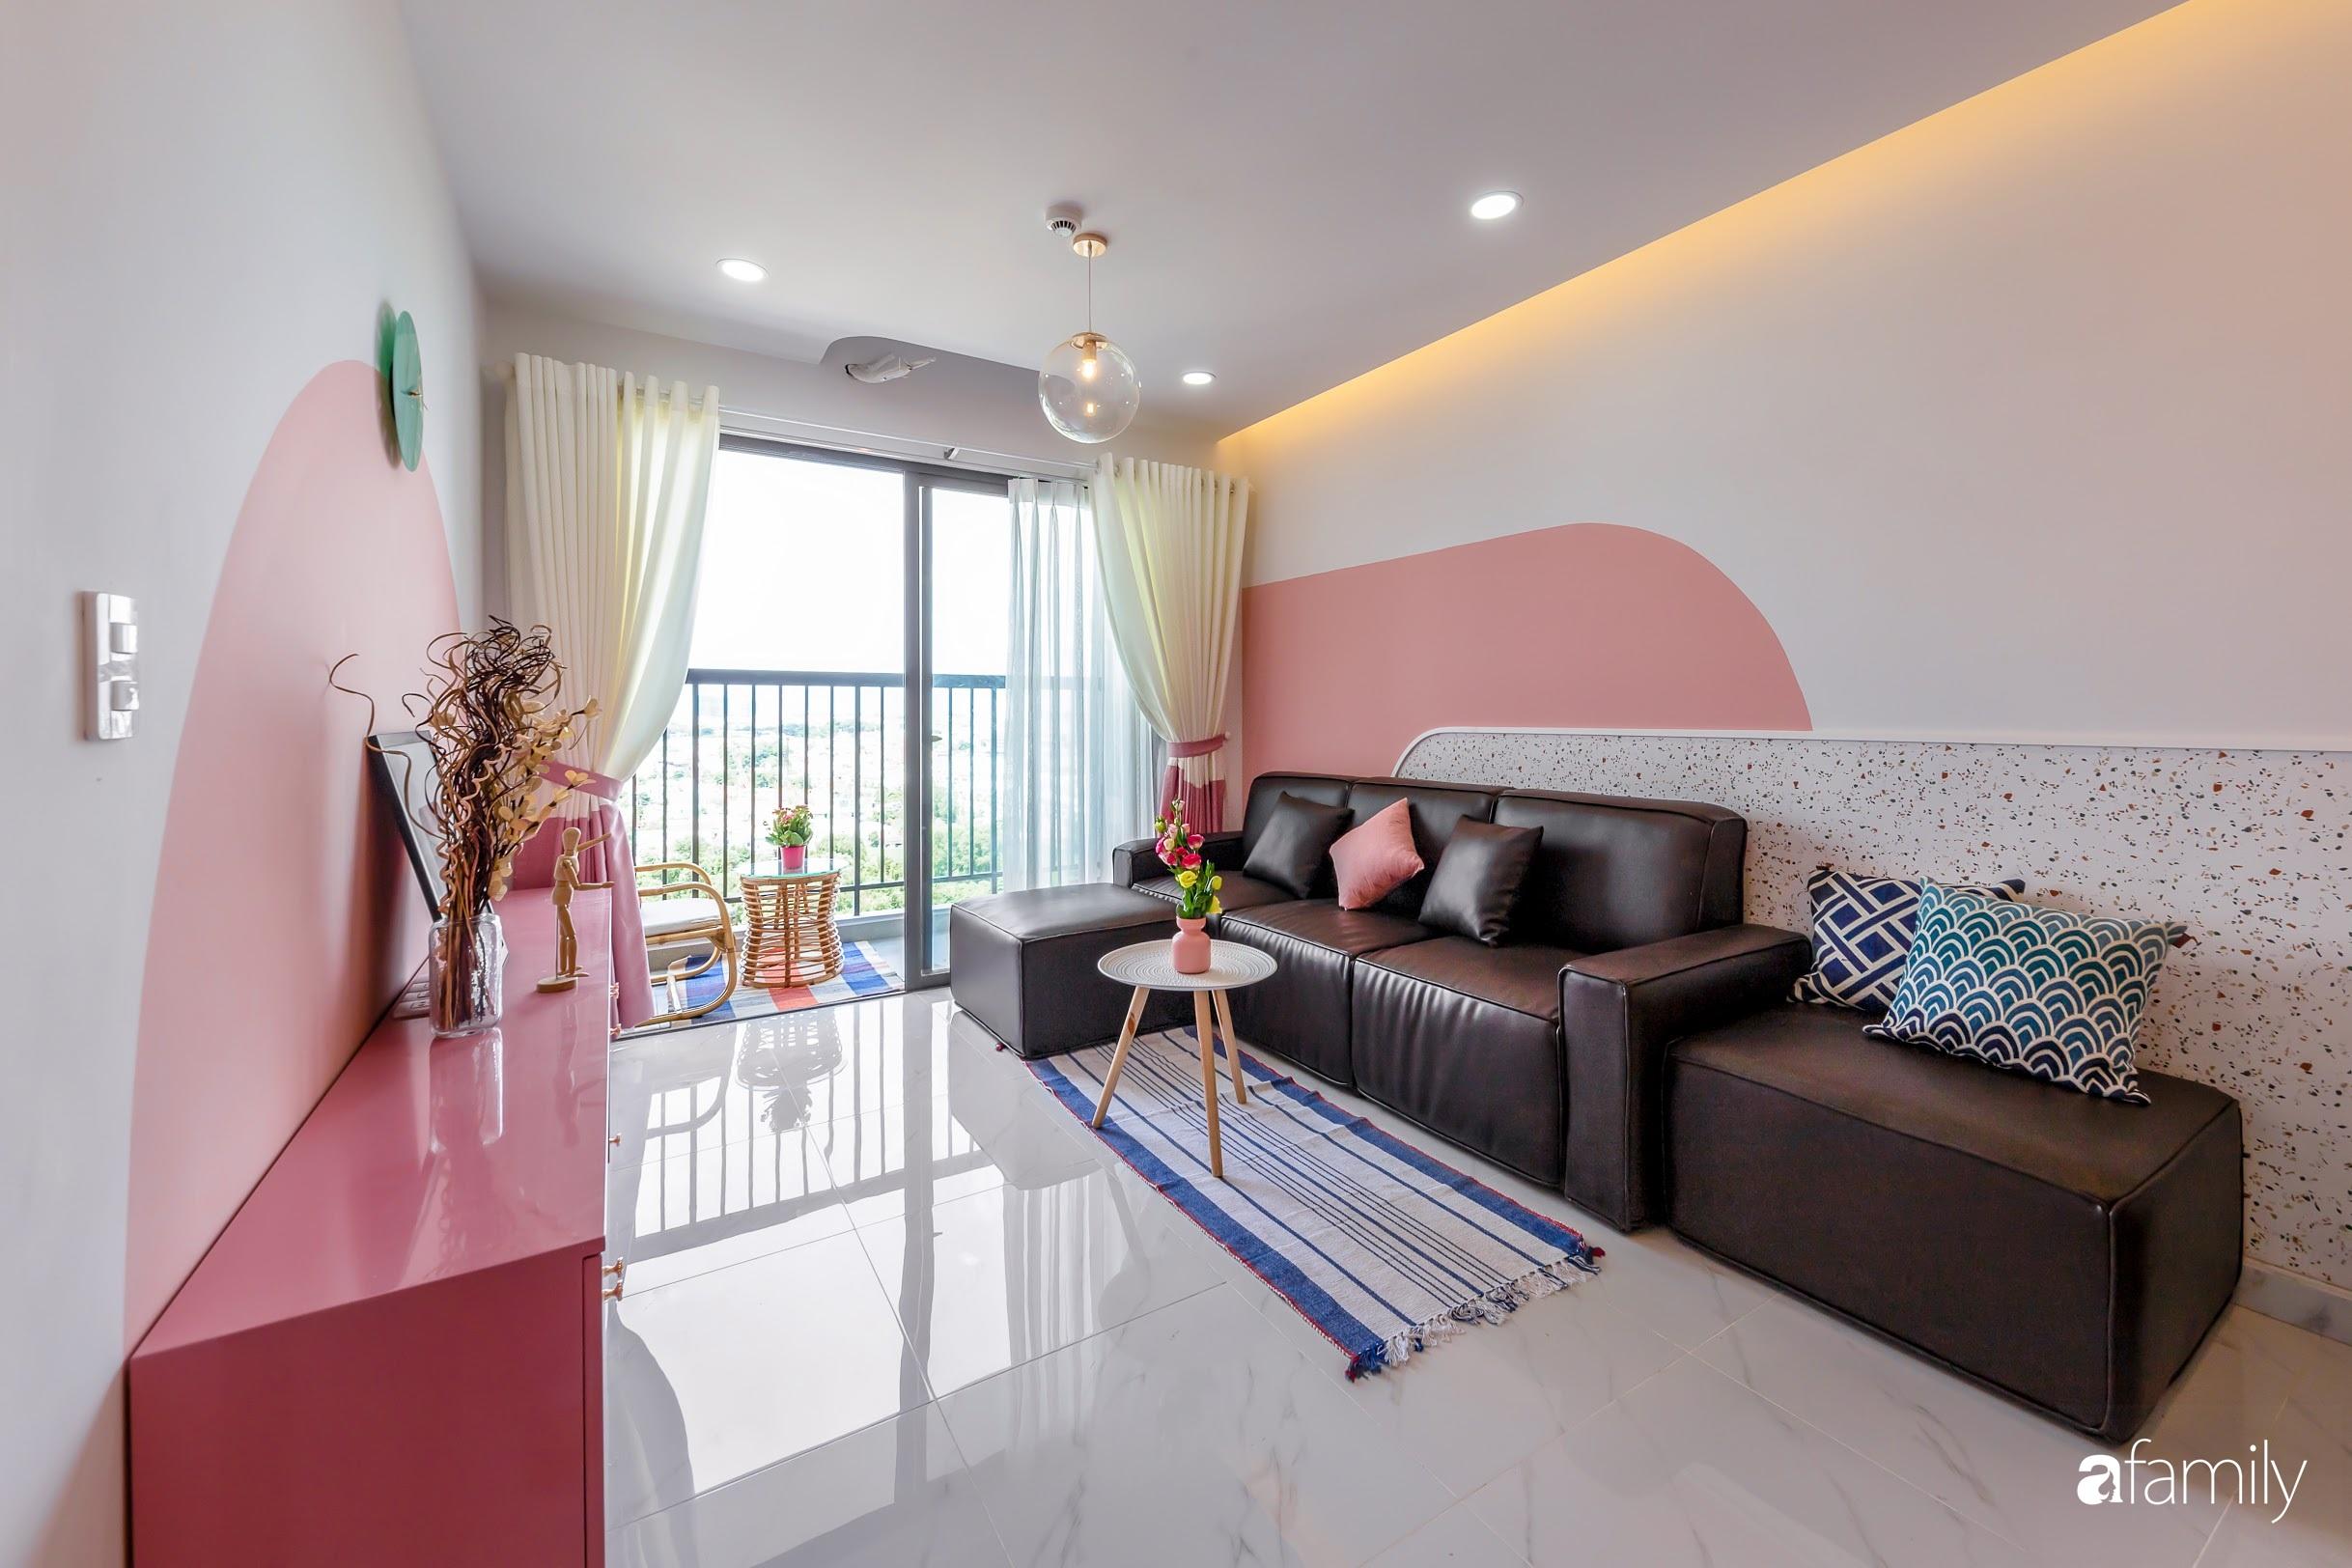 Căn hộ 100m² ngọt ngào khi chọn sắc hồng làm màu chủ đạo có chi phí hoàn thiện 450 triệu đồng ở TP HCM - Ảnh 6.